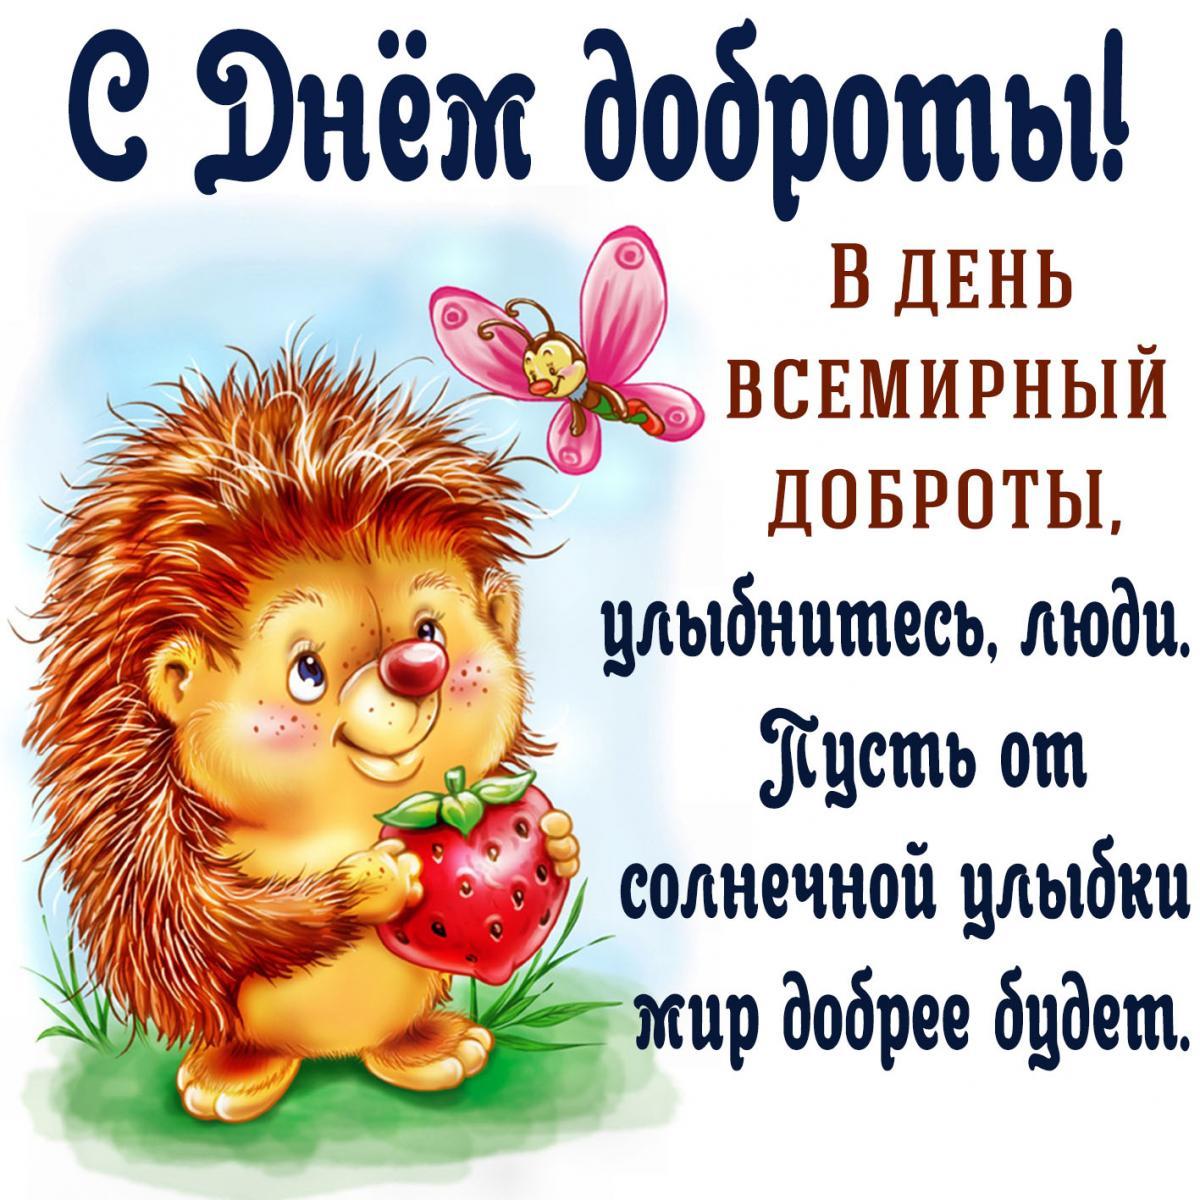 Поздравления с Днем доброты / фото forumsmile.ru